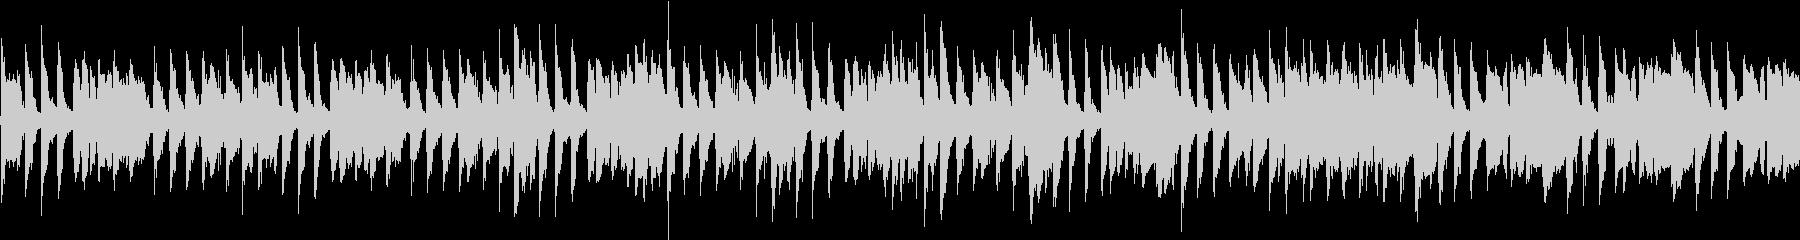 ジャズ(シンキングタイム)の未再生の波形